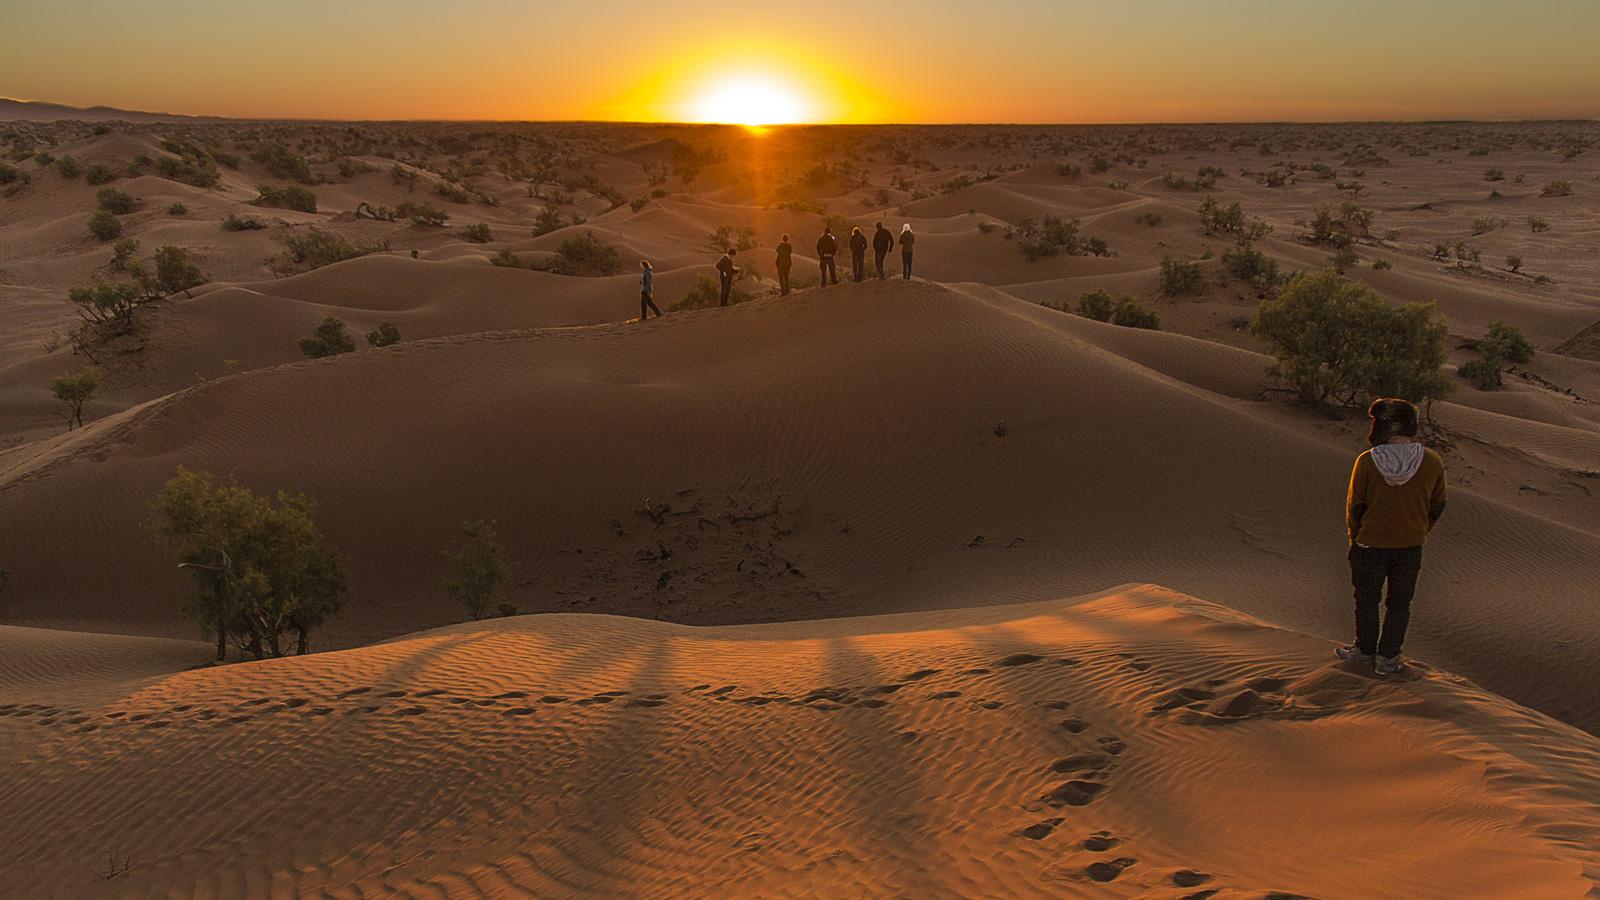 Yoga & Surf Abenteuer in Marokko Gruppenreise für junge Leute traveljunkies